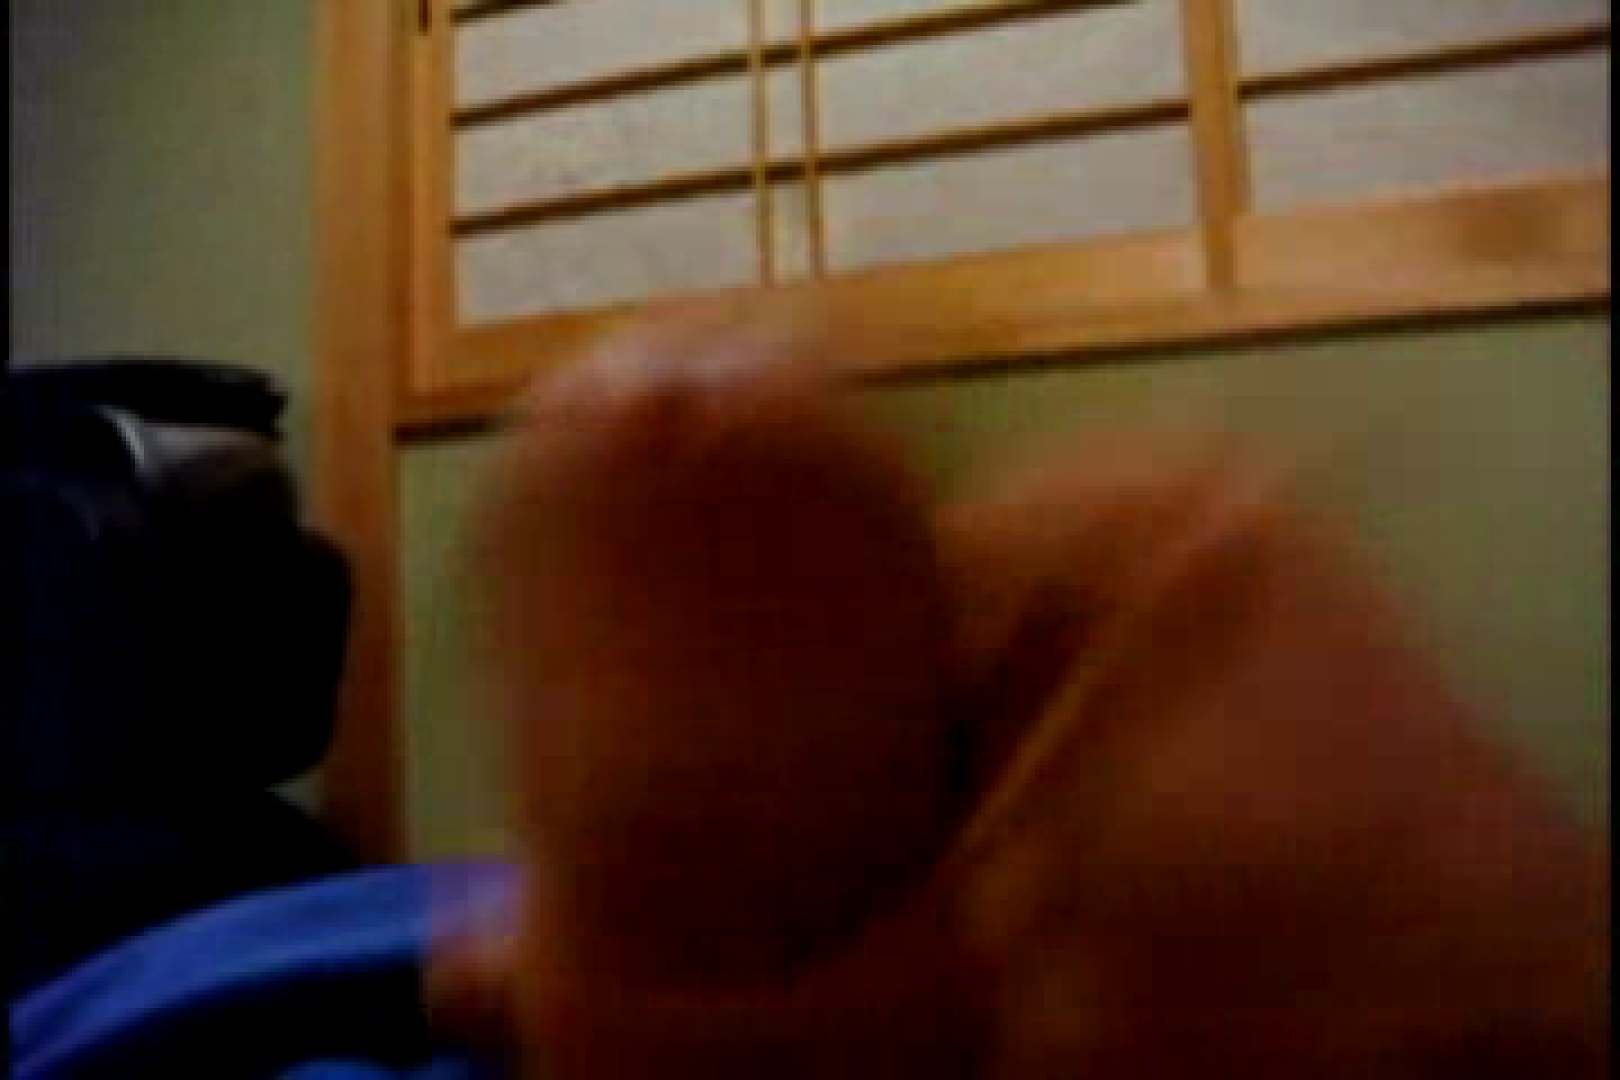 オナ好きノンケテニス部員の自画撮り投稿vol.02 射精 GAY無修正エロ動画 76枚 43